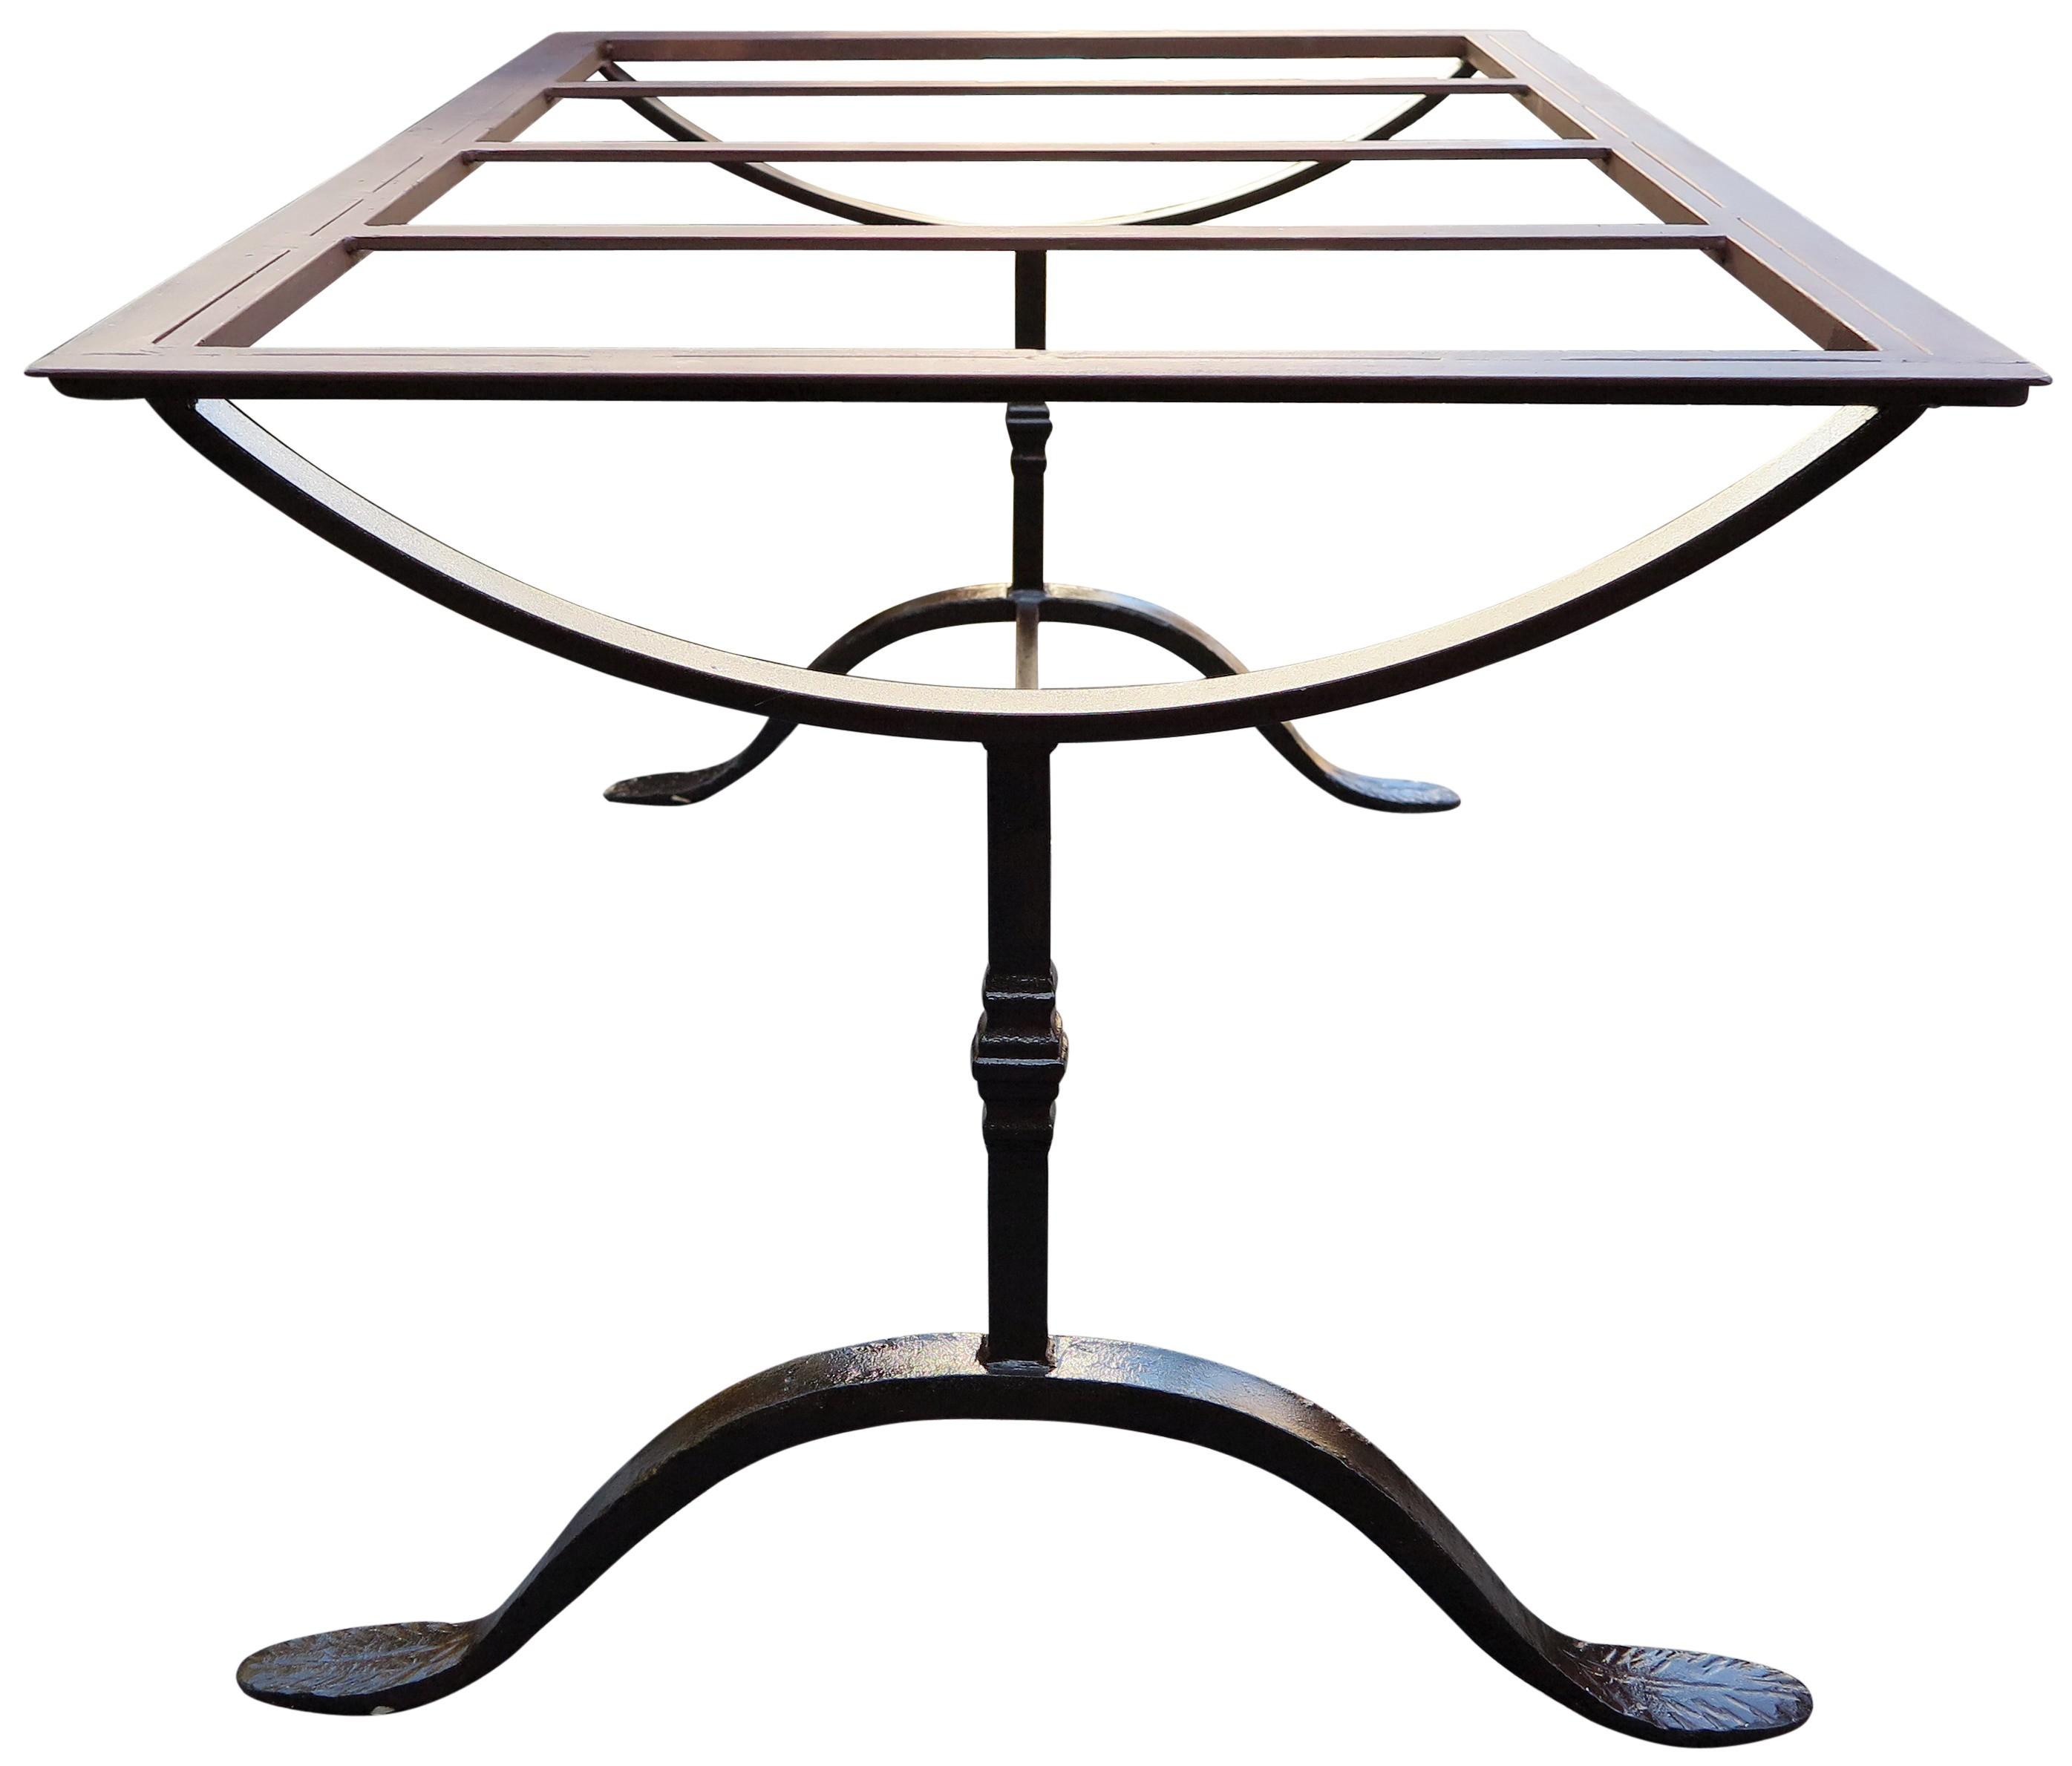 Tavolini in ferro battuto ikea comodini with tavolini in ferro battuto ikea finest tavolini - Tavolo ferro battuto ikea ...